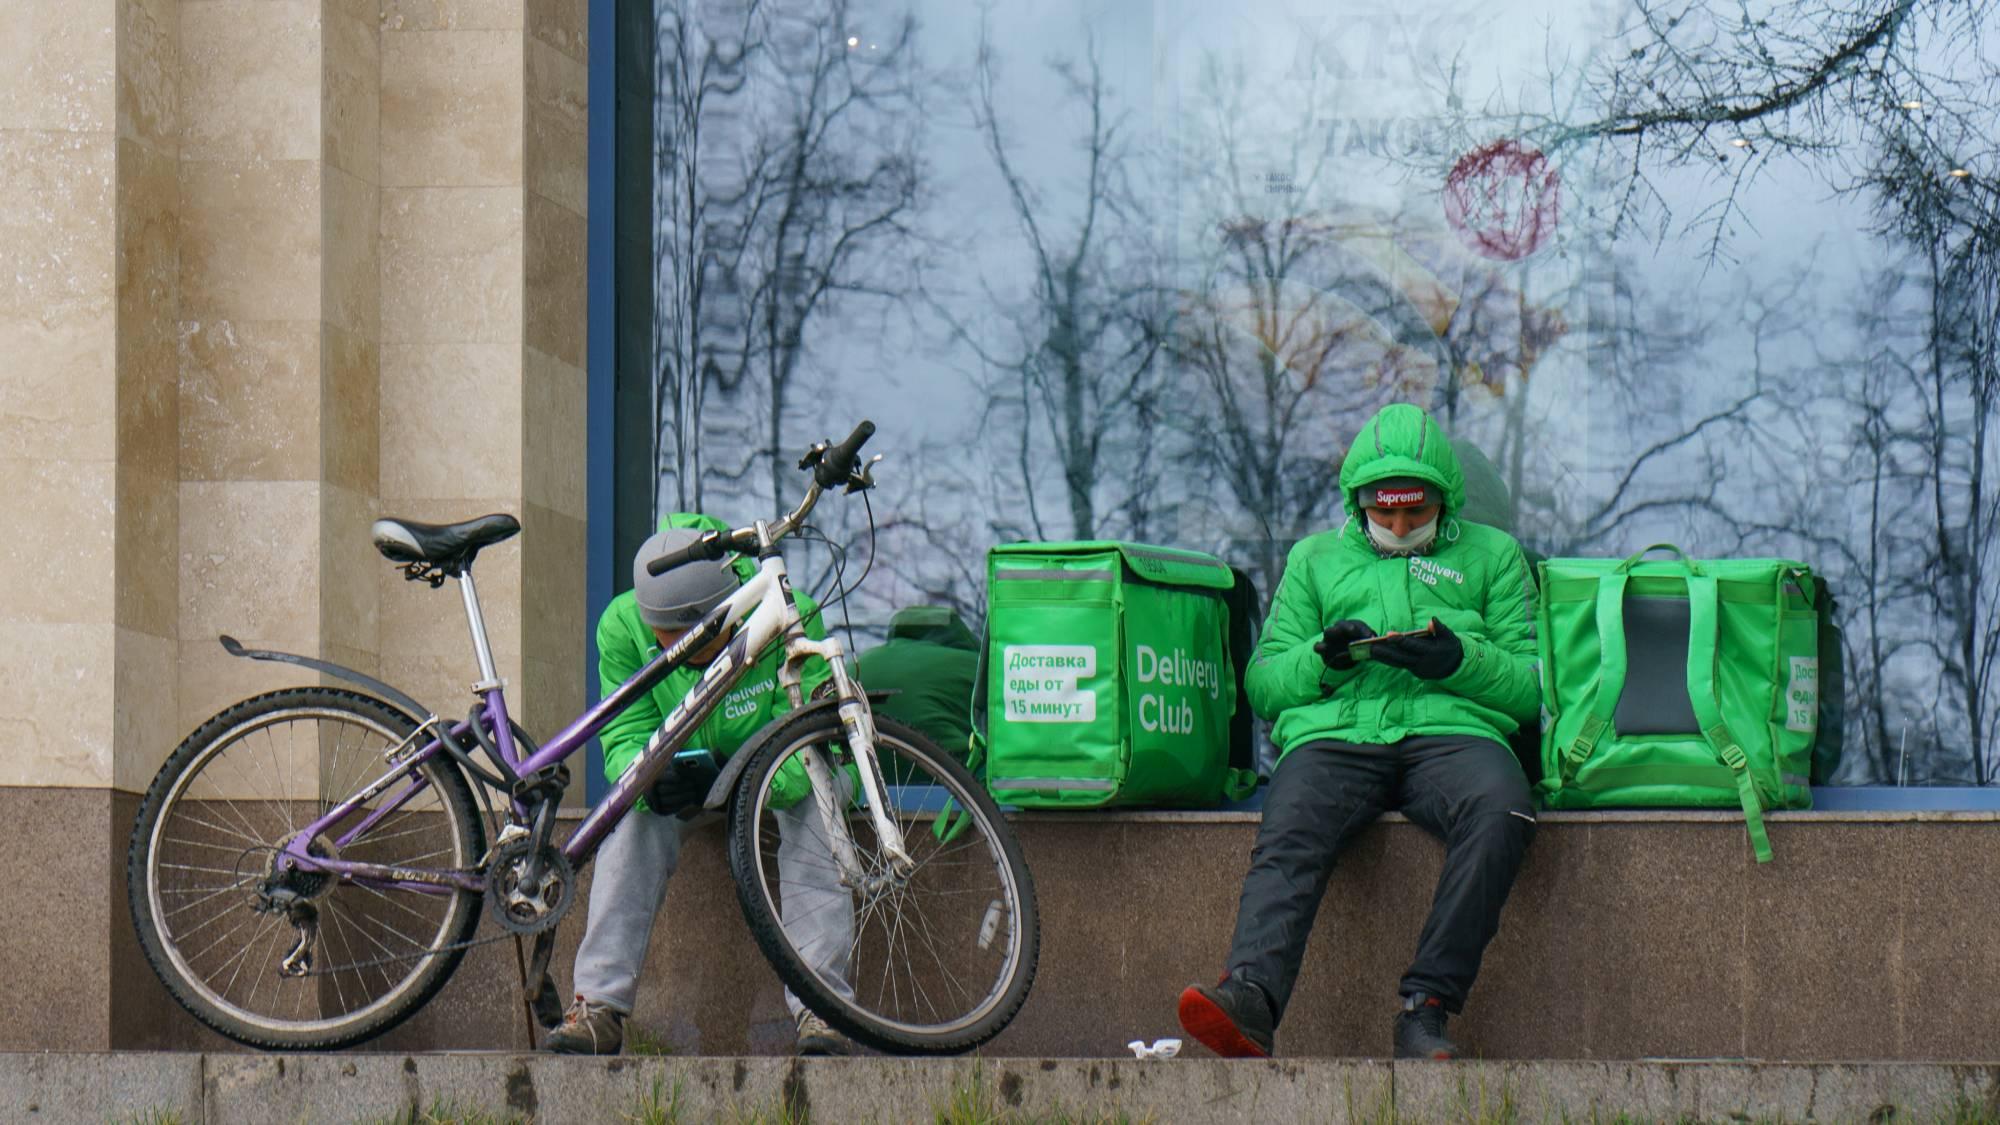 Почему доставка еды такая долгая? Кажется, у Delivery Club и 'Яндекс.Еды' слишком мало курьеров